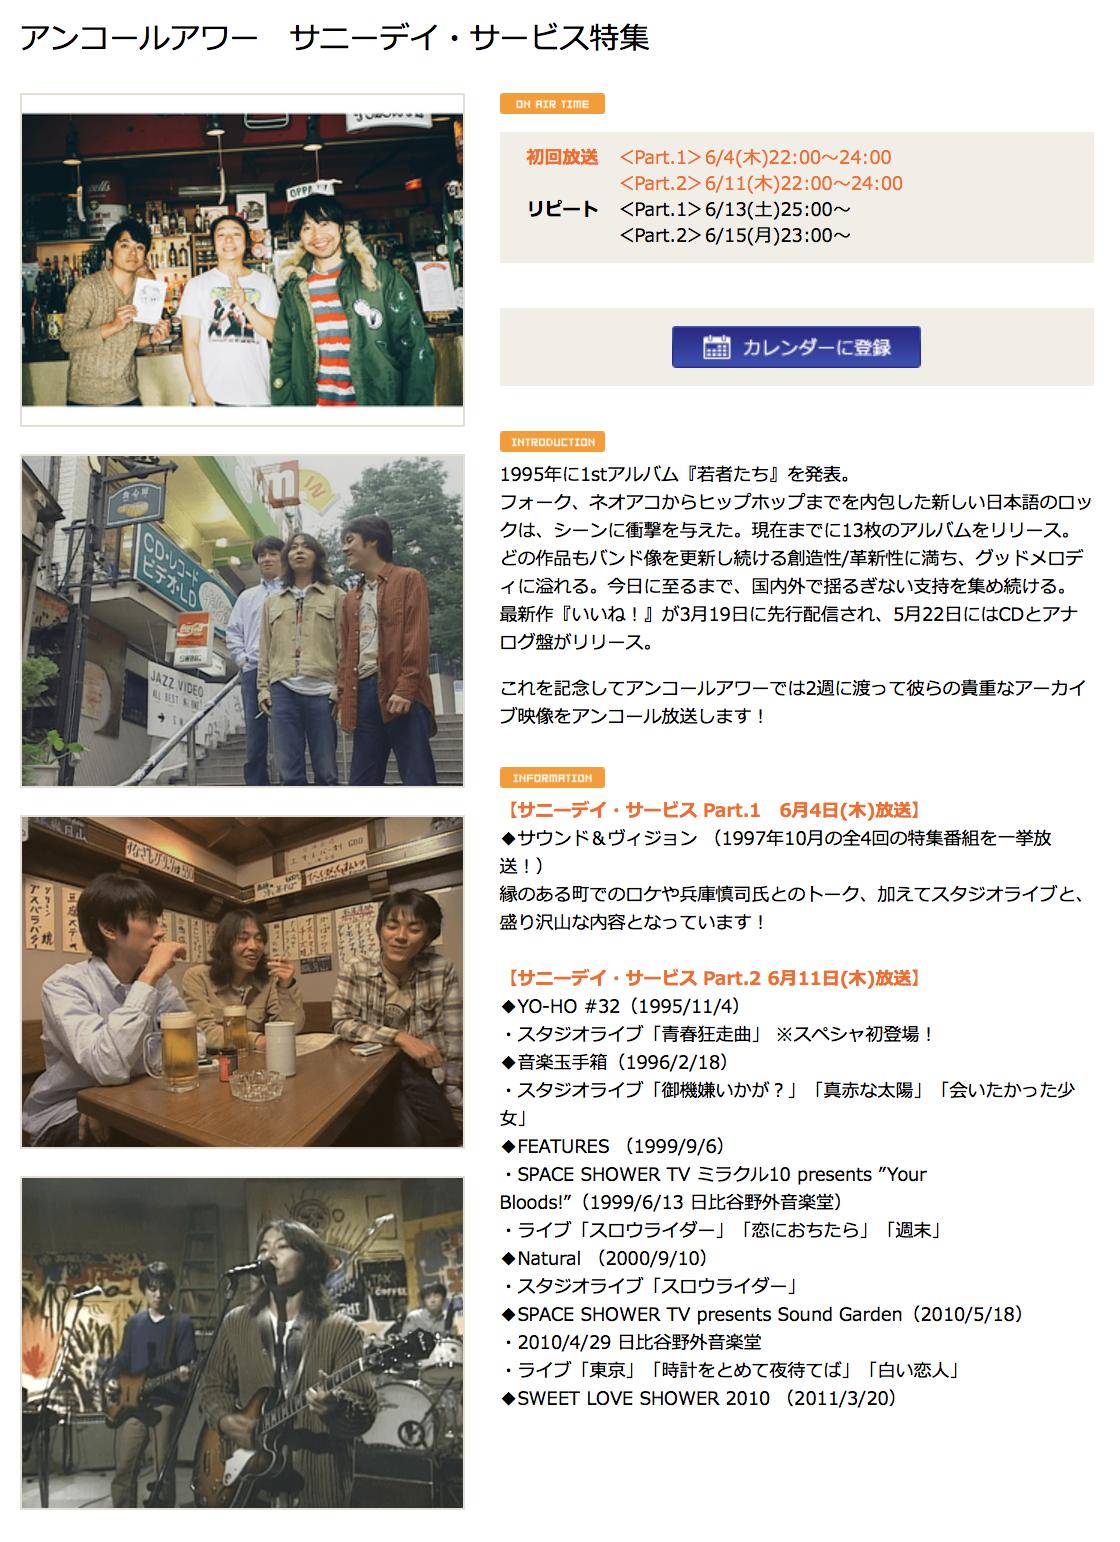 スペースシャワーTV アンコールアワー<サニーデイ・サービス特集>オンエア決定!